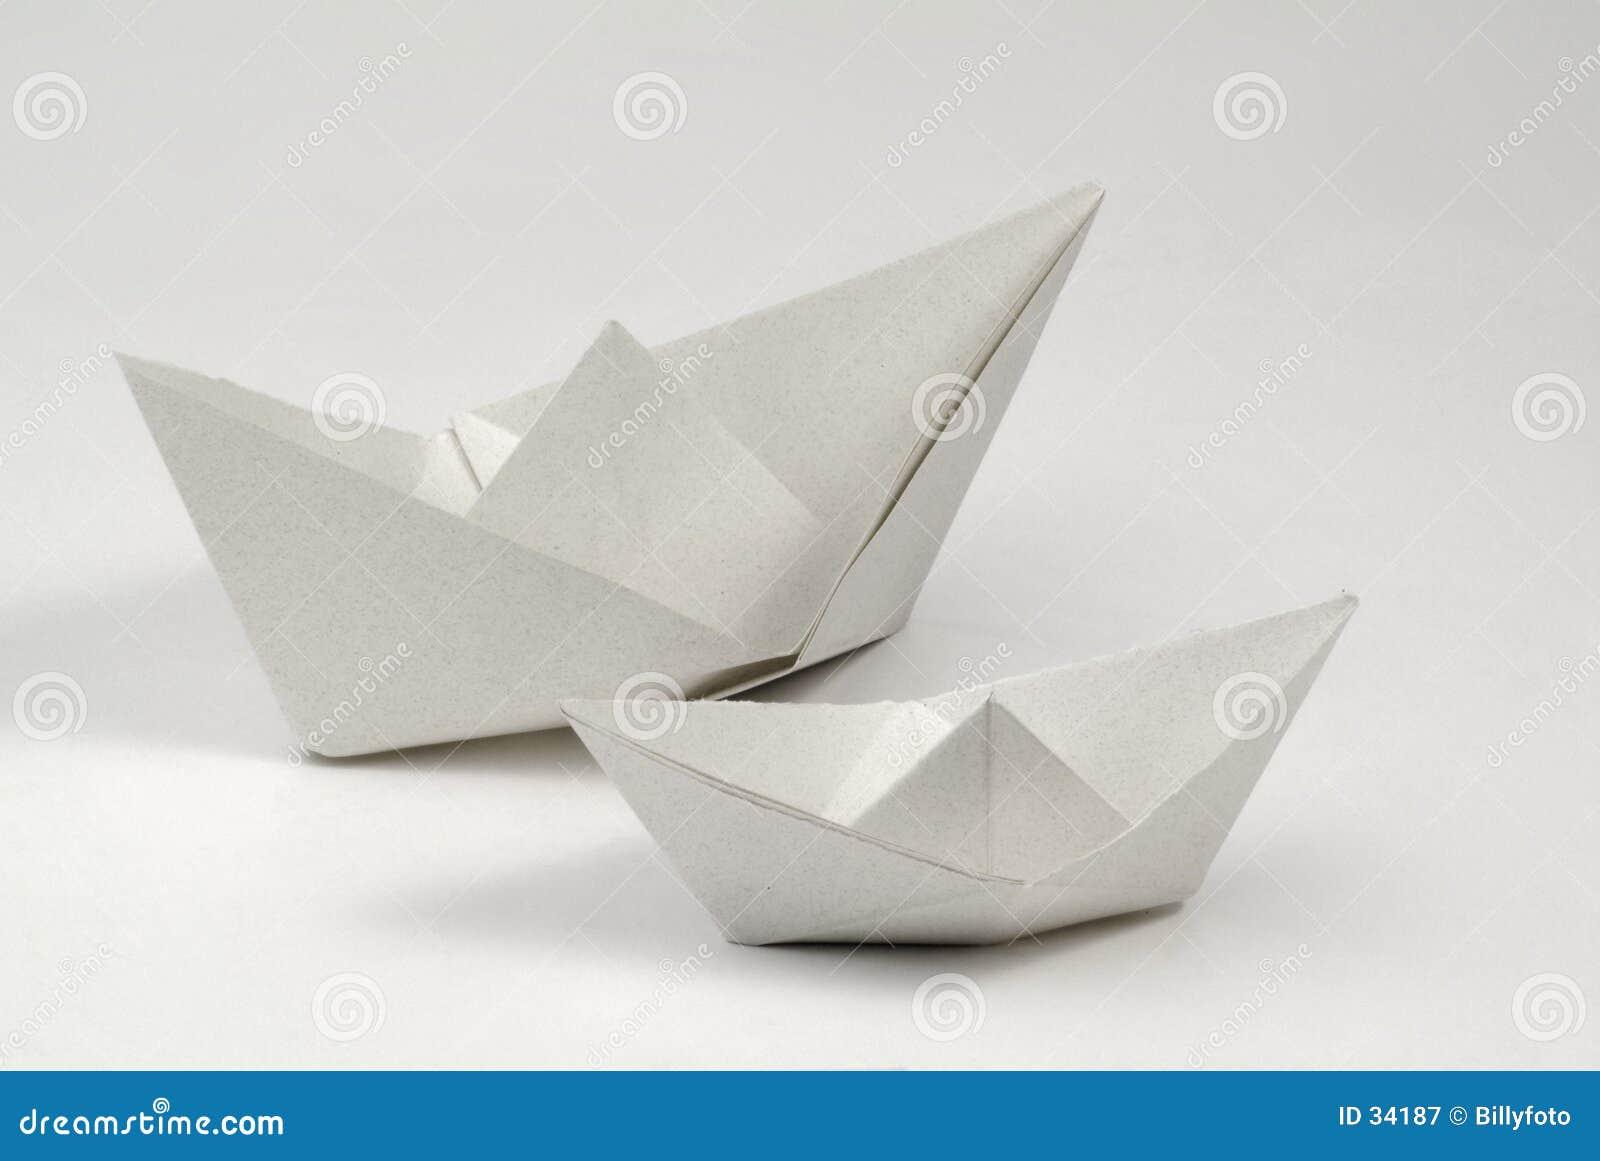 Download Barcos de papel imagen de archivo. Imagen de cabrito, papel - 34187